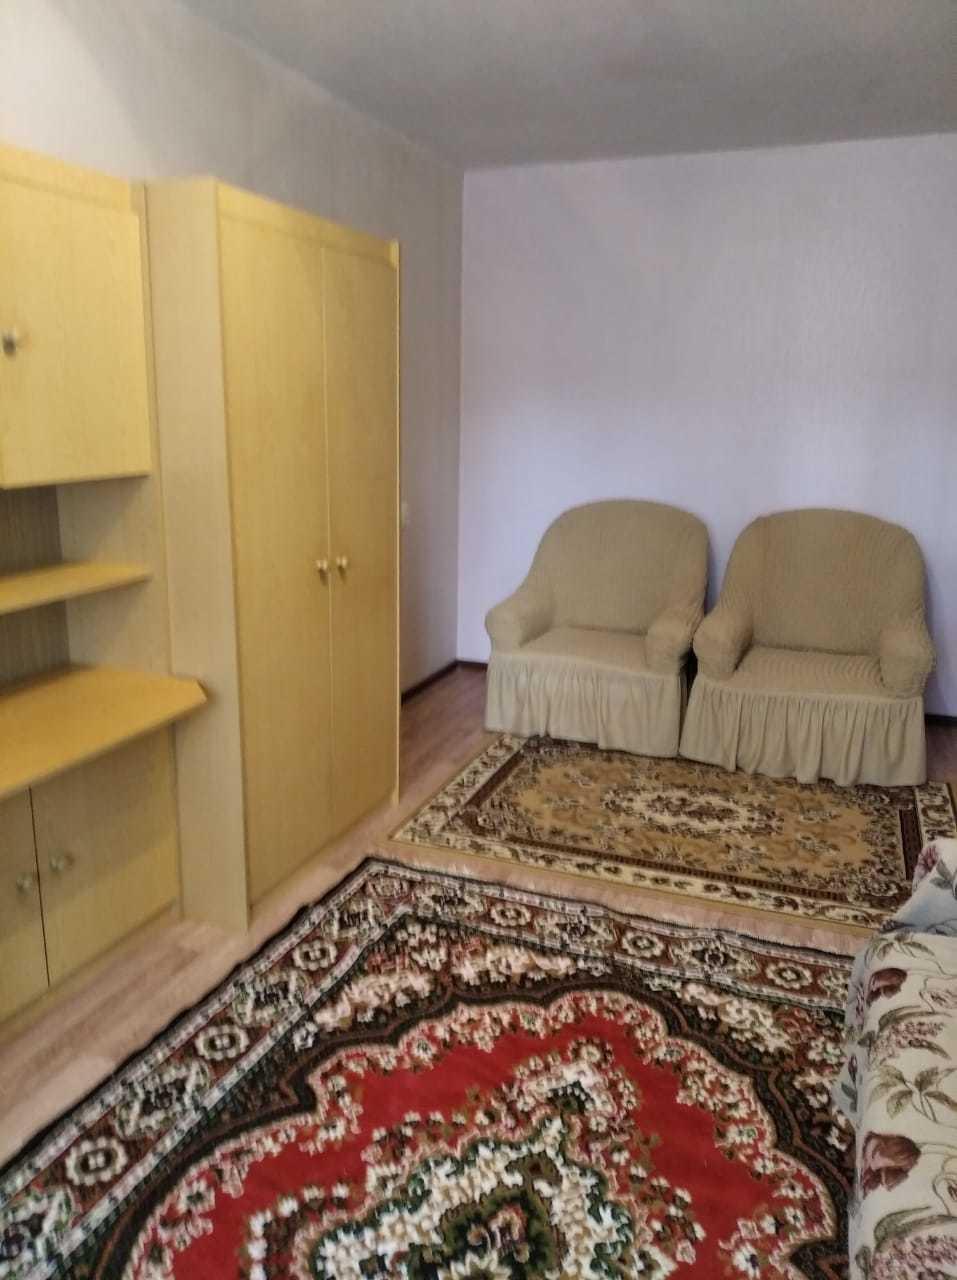 Аренда 1-комнатной квартиры, г. Тольятти, Фрунзе улица  дом 7